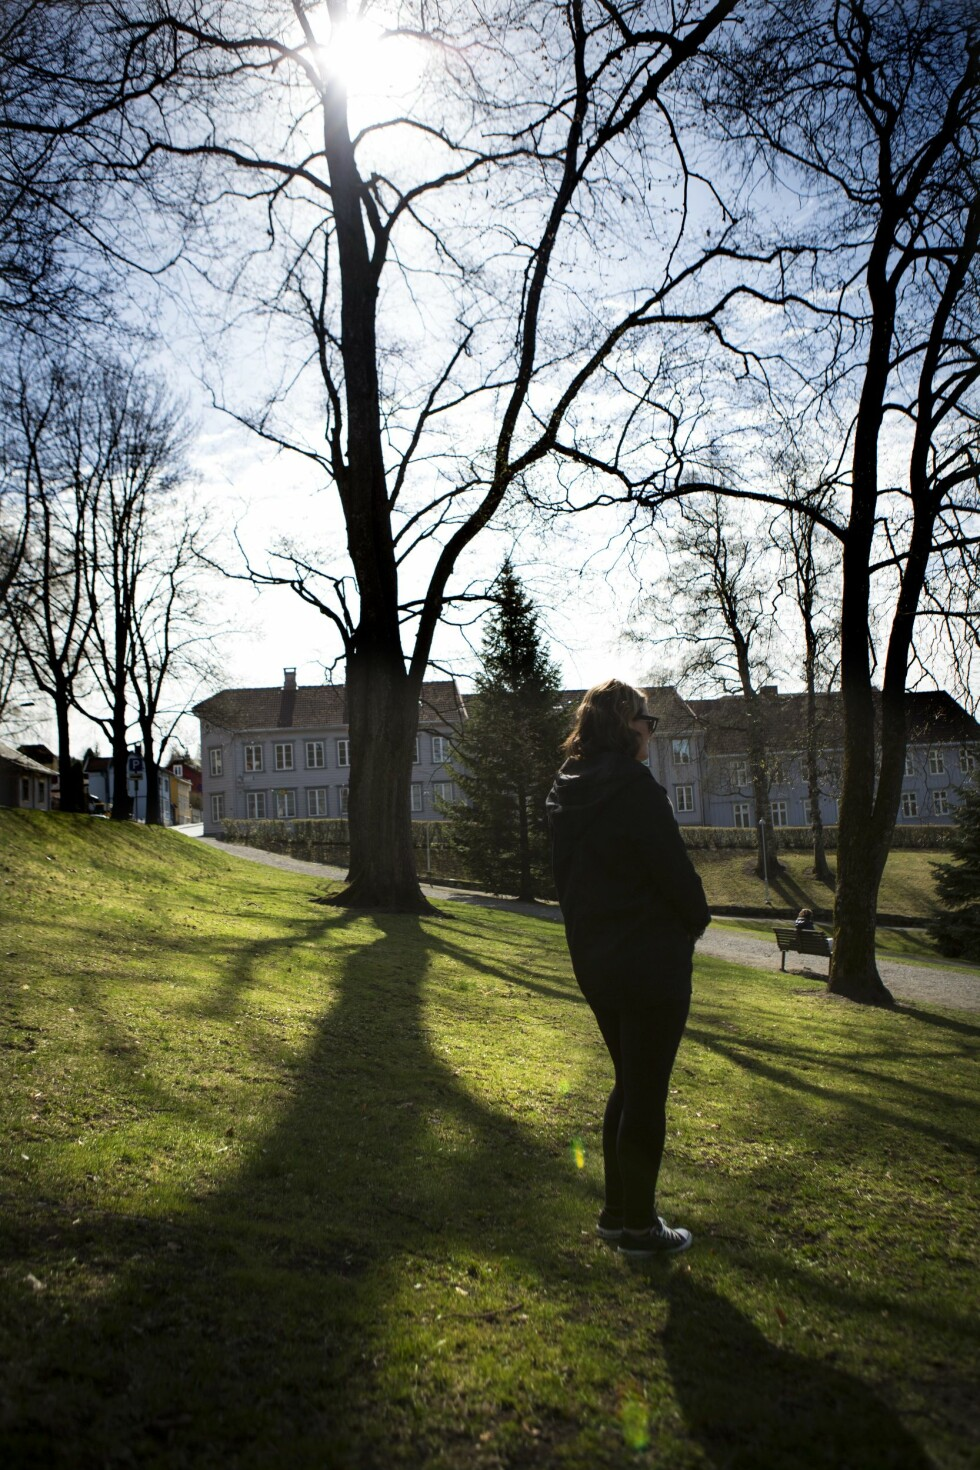 MISBRUKT: Eline ble misbrukt av sin egen mor, og satt på gaten da hun var 12 år gammel. Foto: Charlotte Wiig / All Over Press Norway